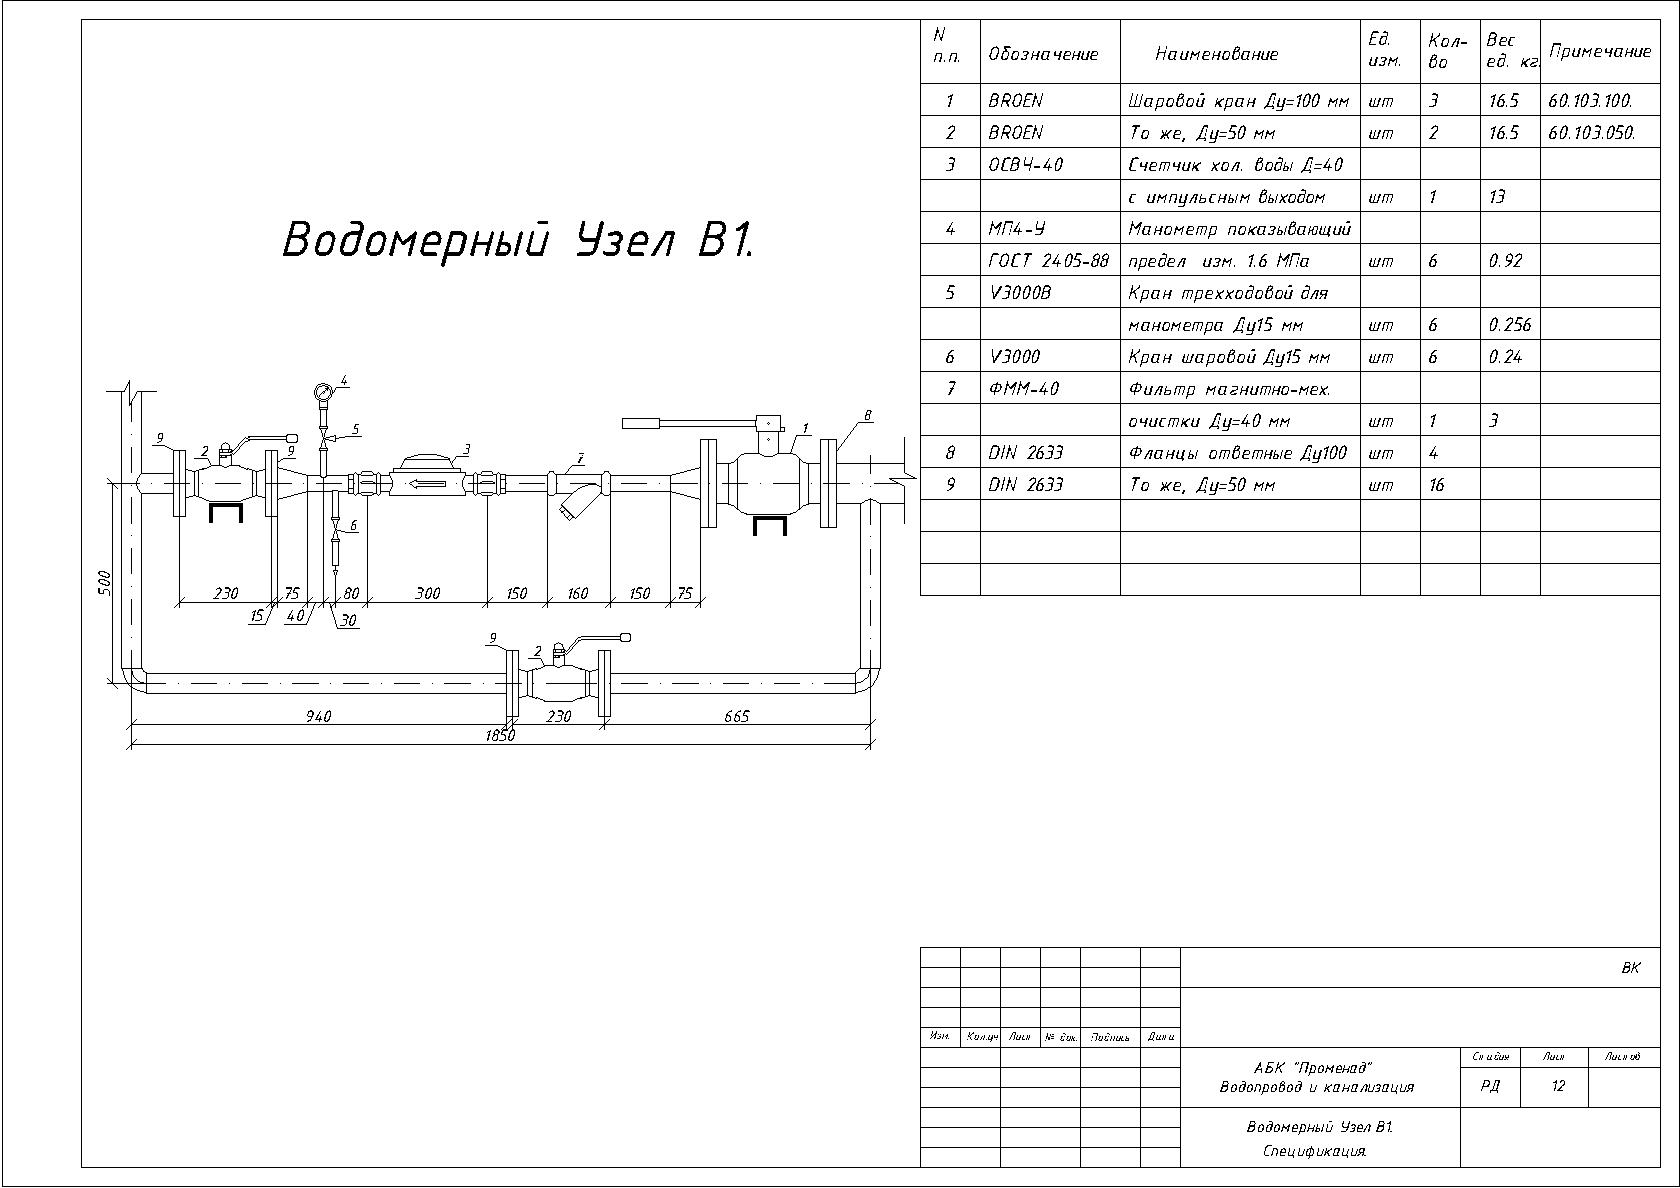 схема водомерного узла в колодце